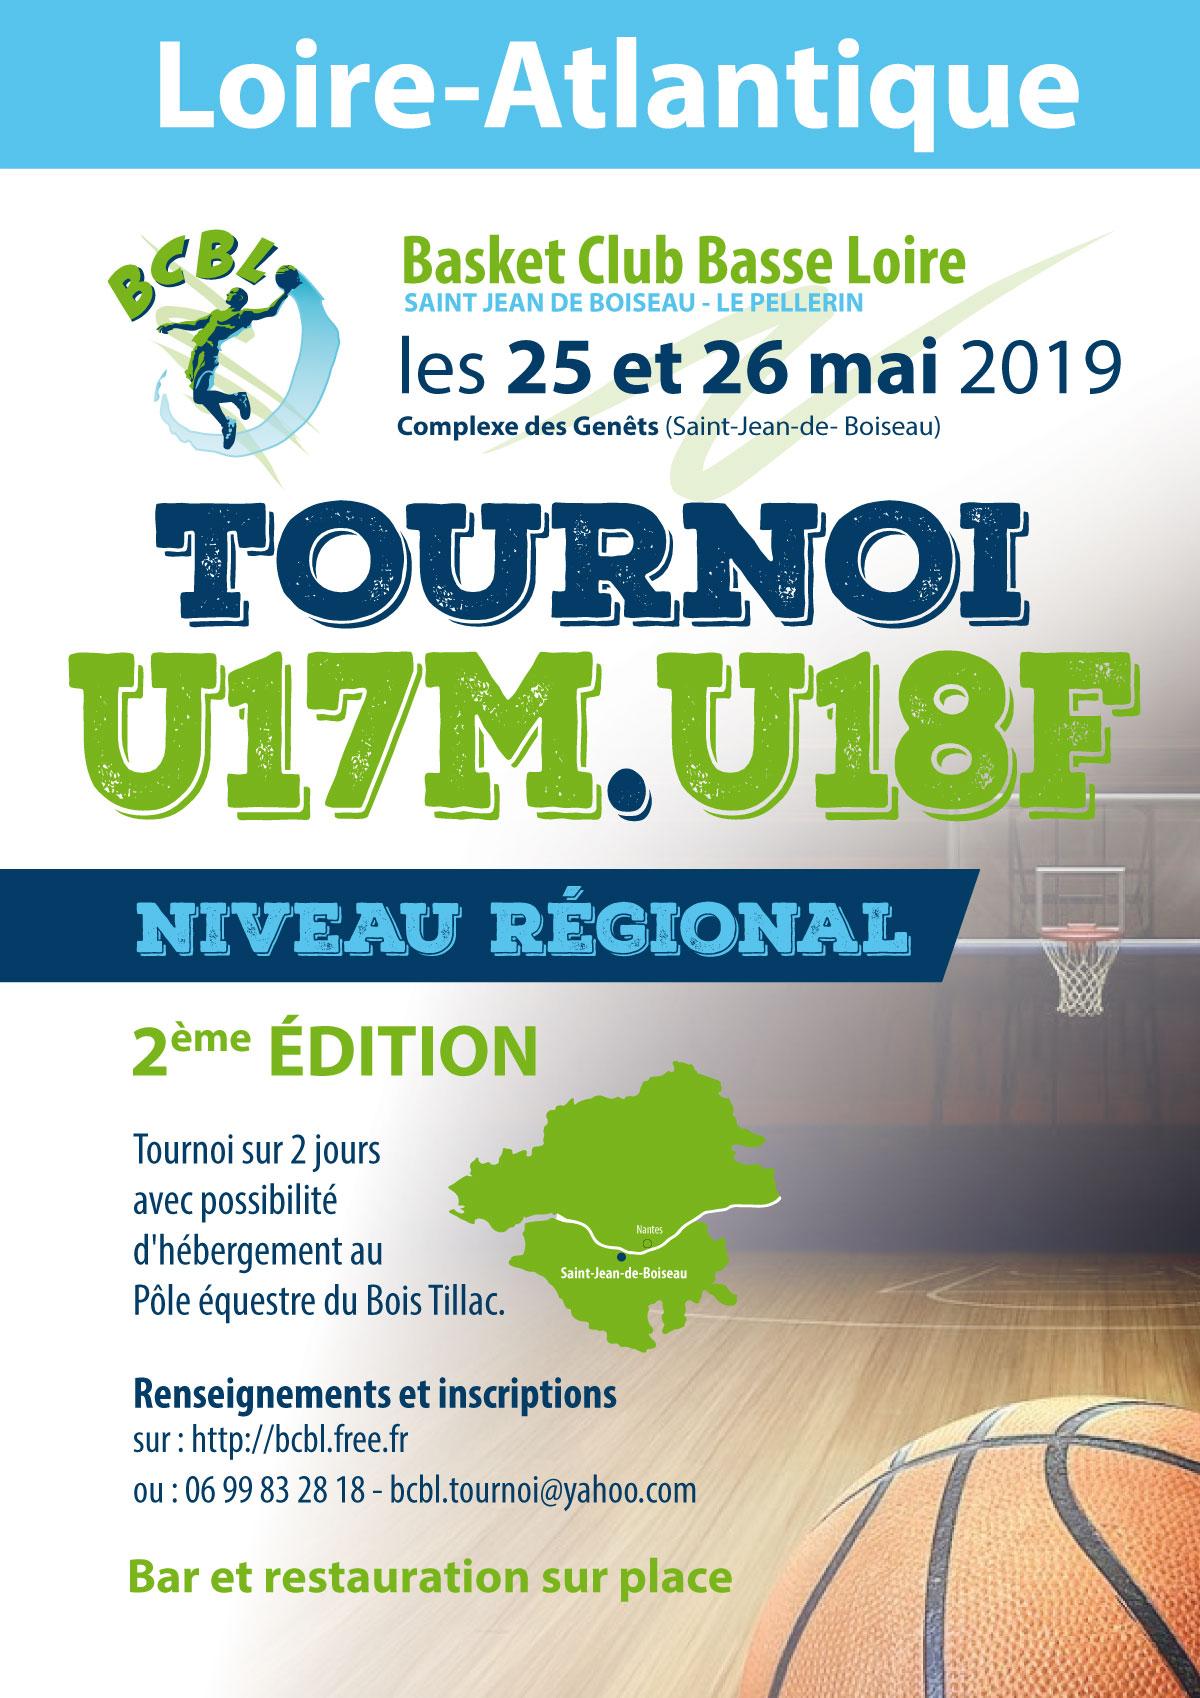 Régional Week 26 Niveau U18f Mai 2019 Tournoi End U17m Et 25amp; IH29eWDEY